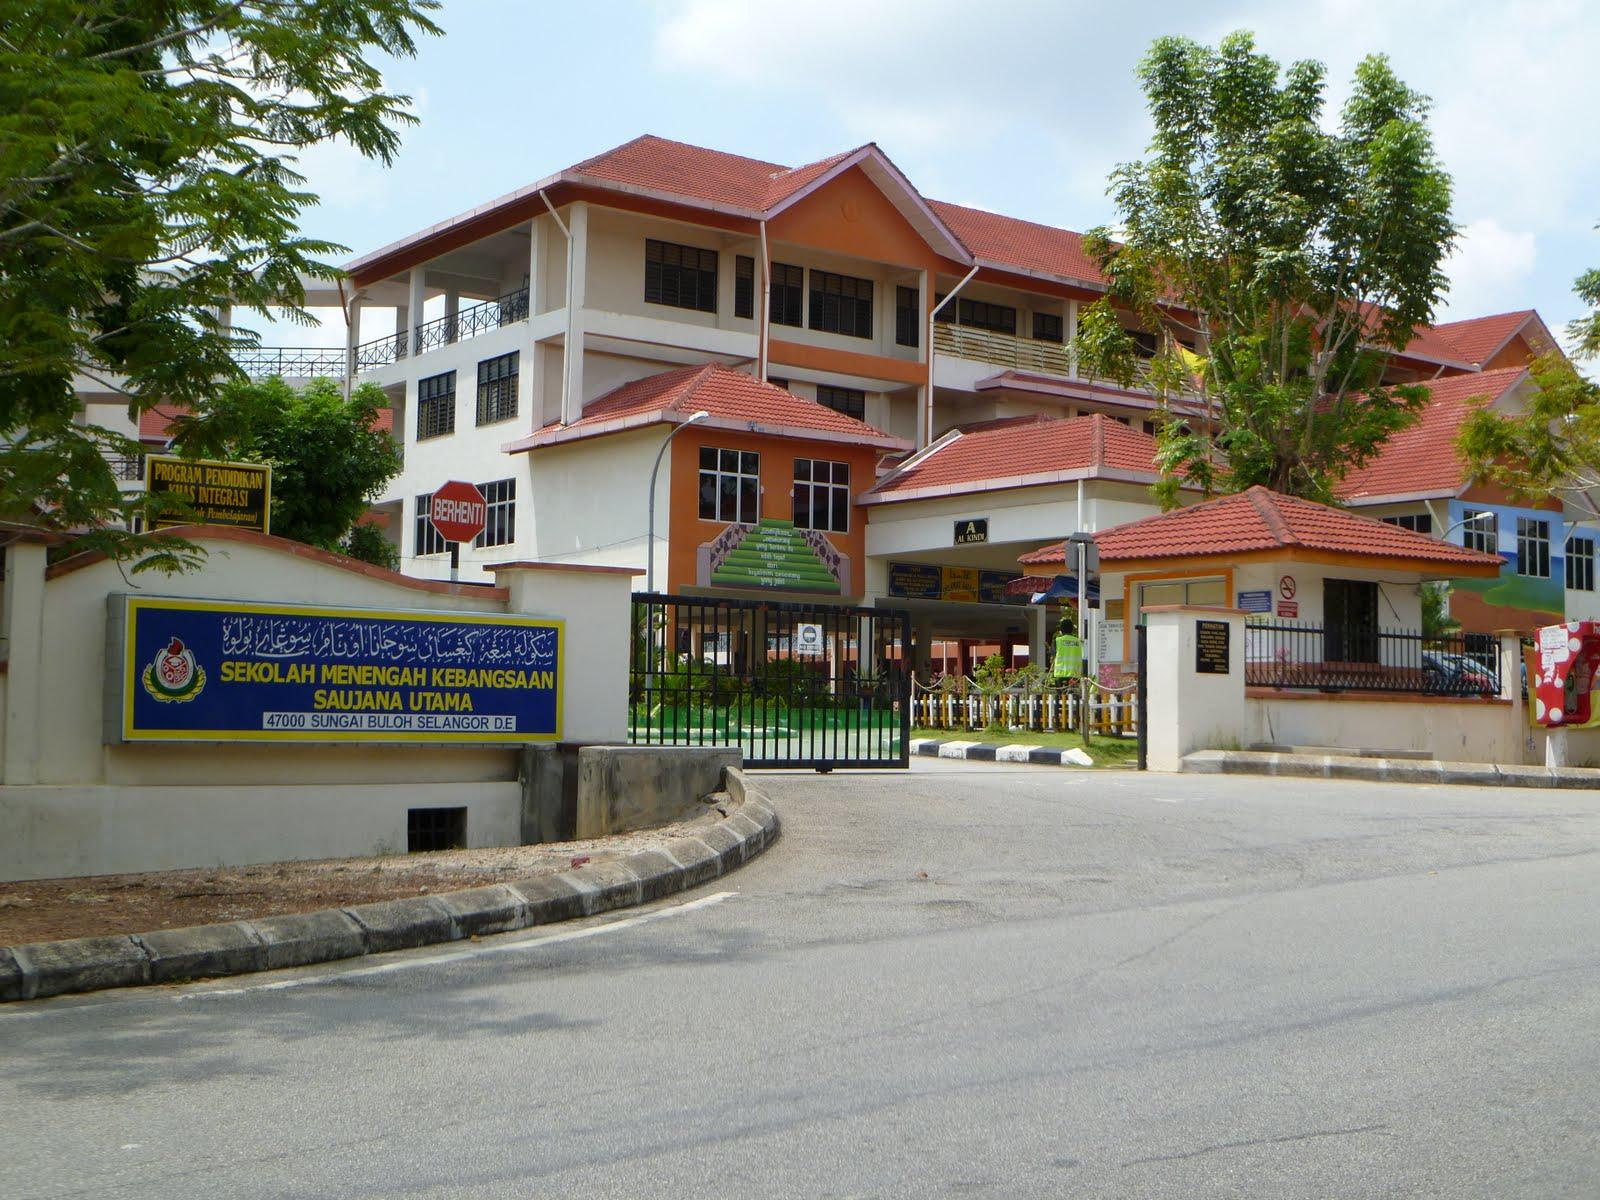 Sekolah Menengah Kebangsaan Saujana Utama Selamat Datang